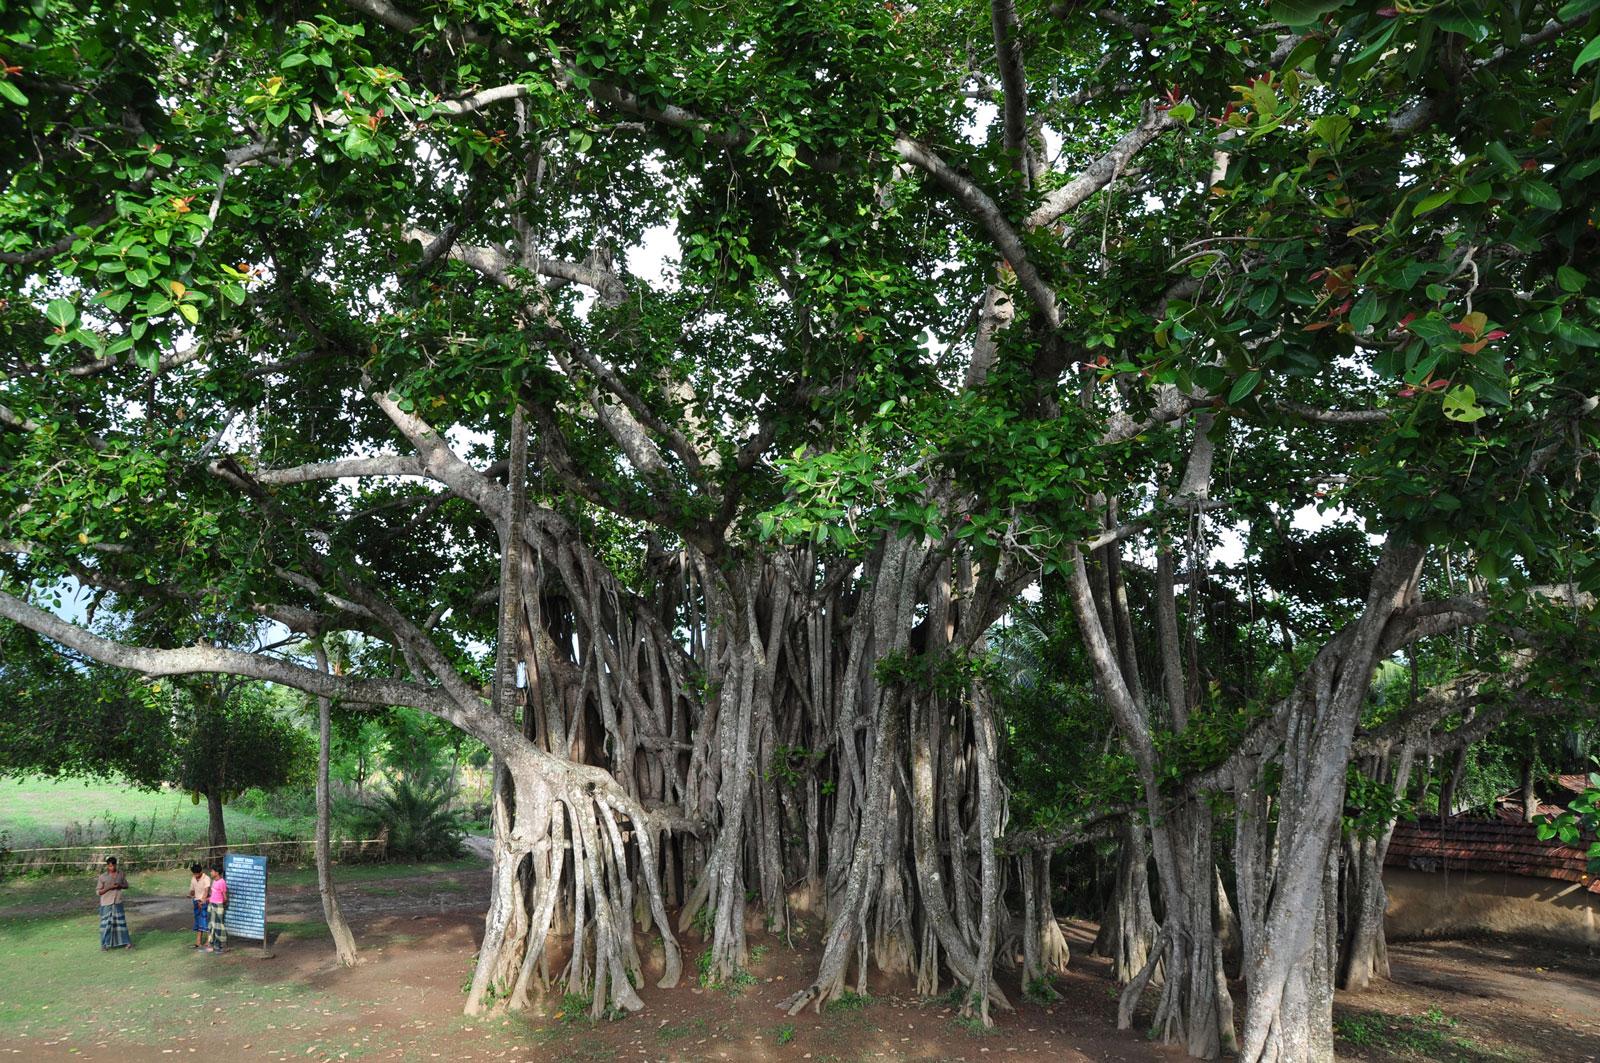 A banyan tree in Bangladesh